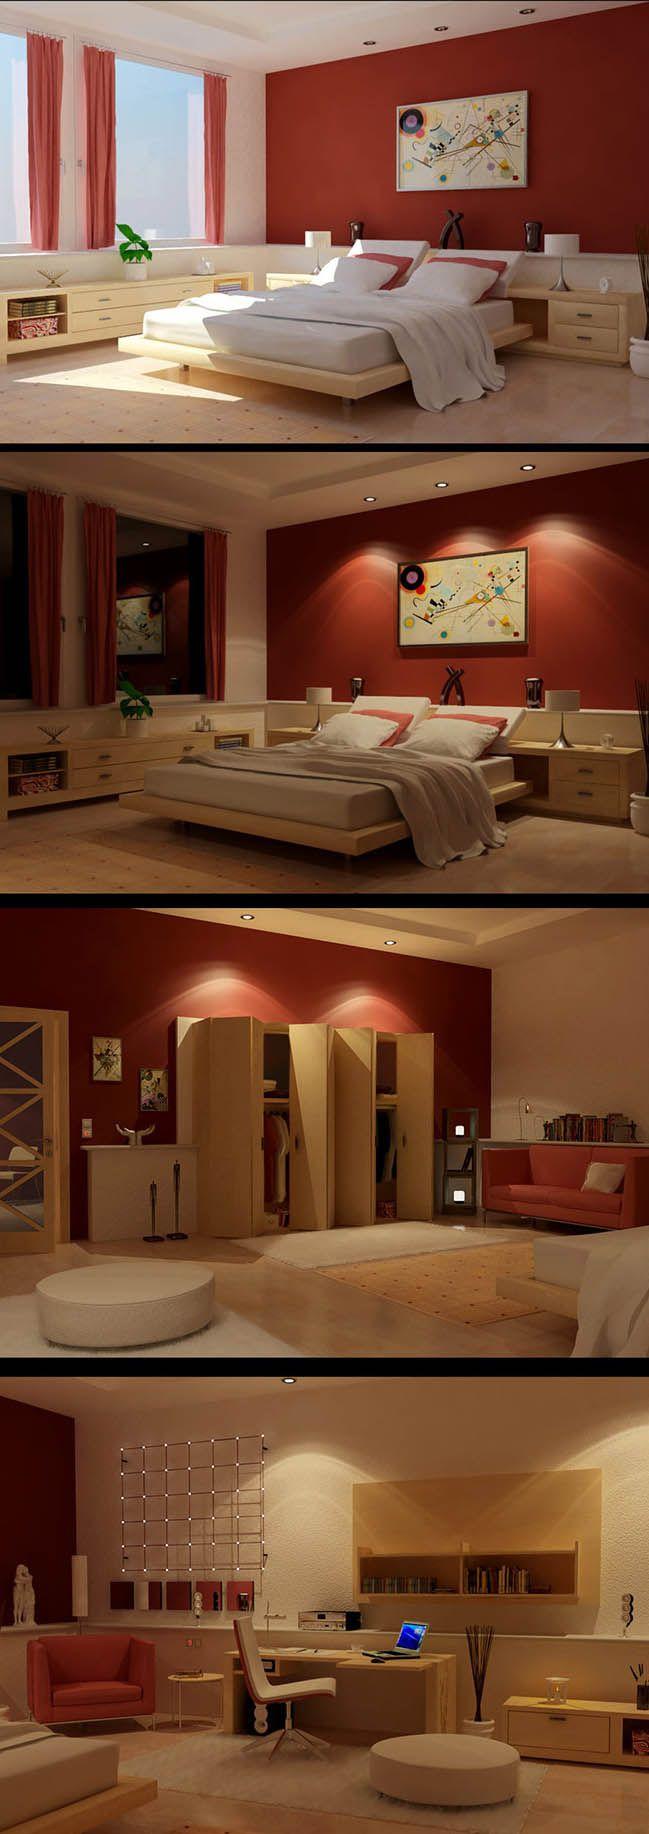 schlafzimmer rot schlafzimmer design rosa schlafzimmer schlafzimmerdesign schlafzimmer ideen kastanienbraunes schlafzimmer rote innenarchitektur - Schlafzimmerideen Der Mnner Rot